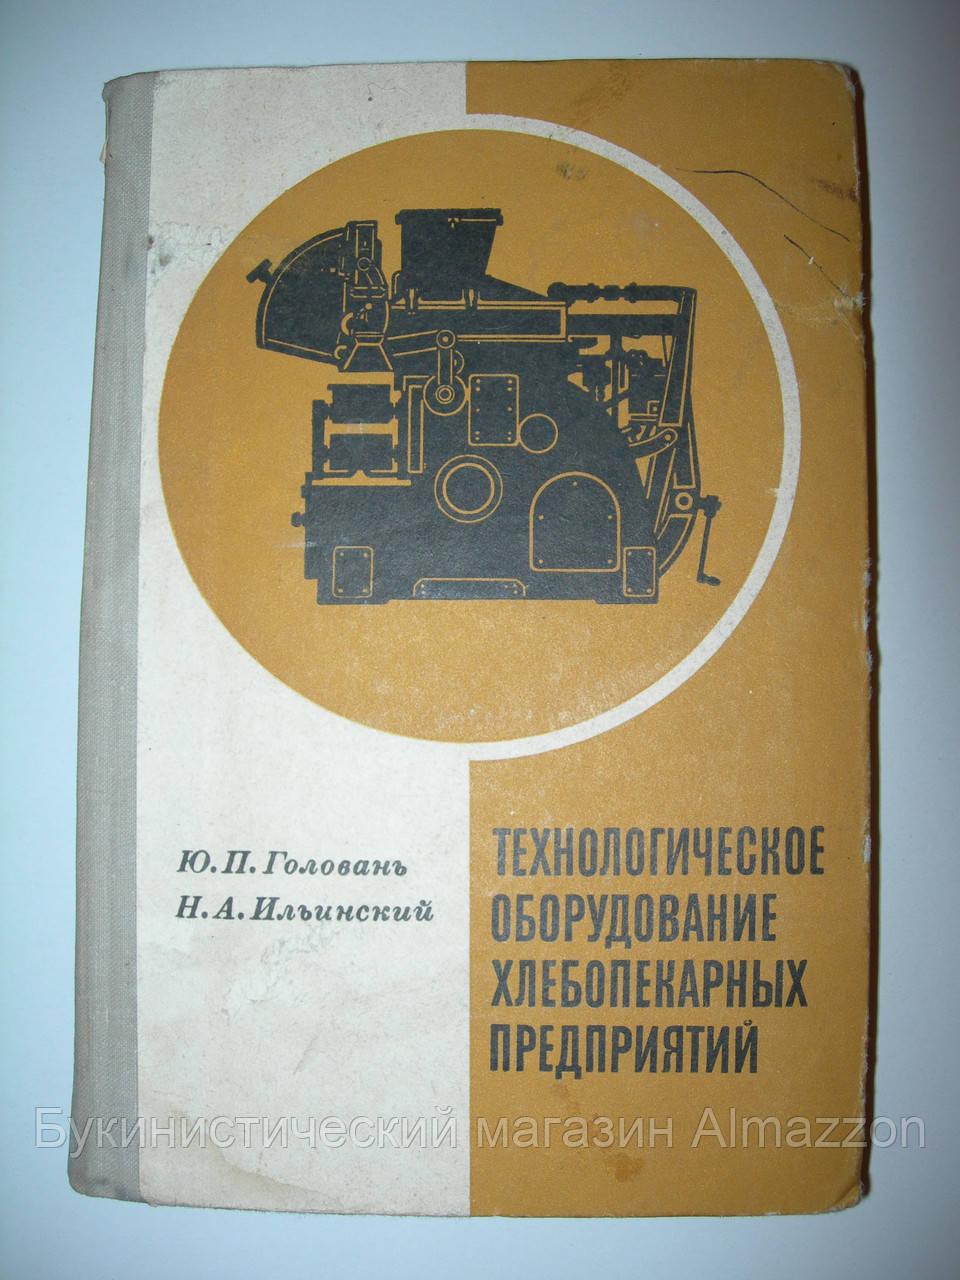 """Ю. Головань """"Технологічне обладнання хлібопекарських підприємств"""""""